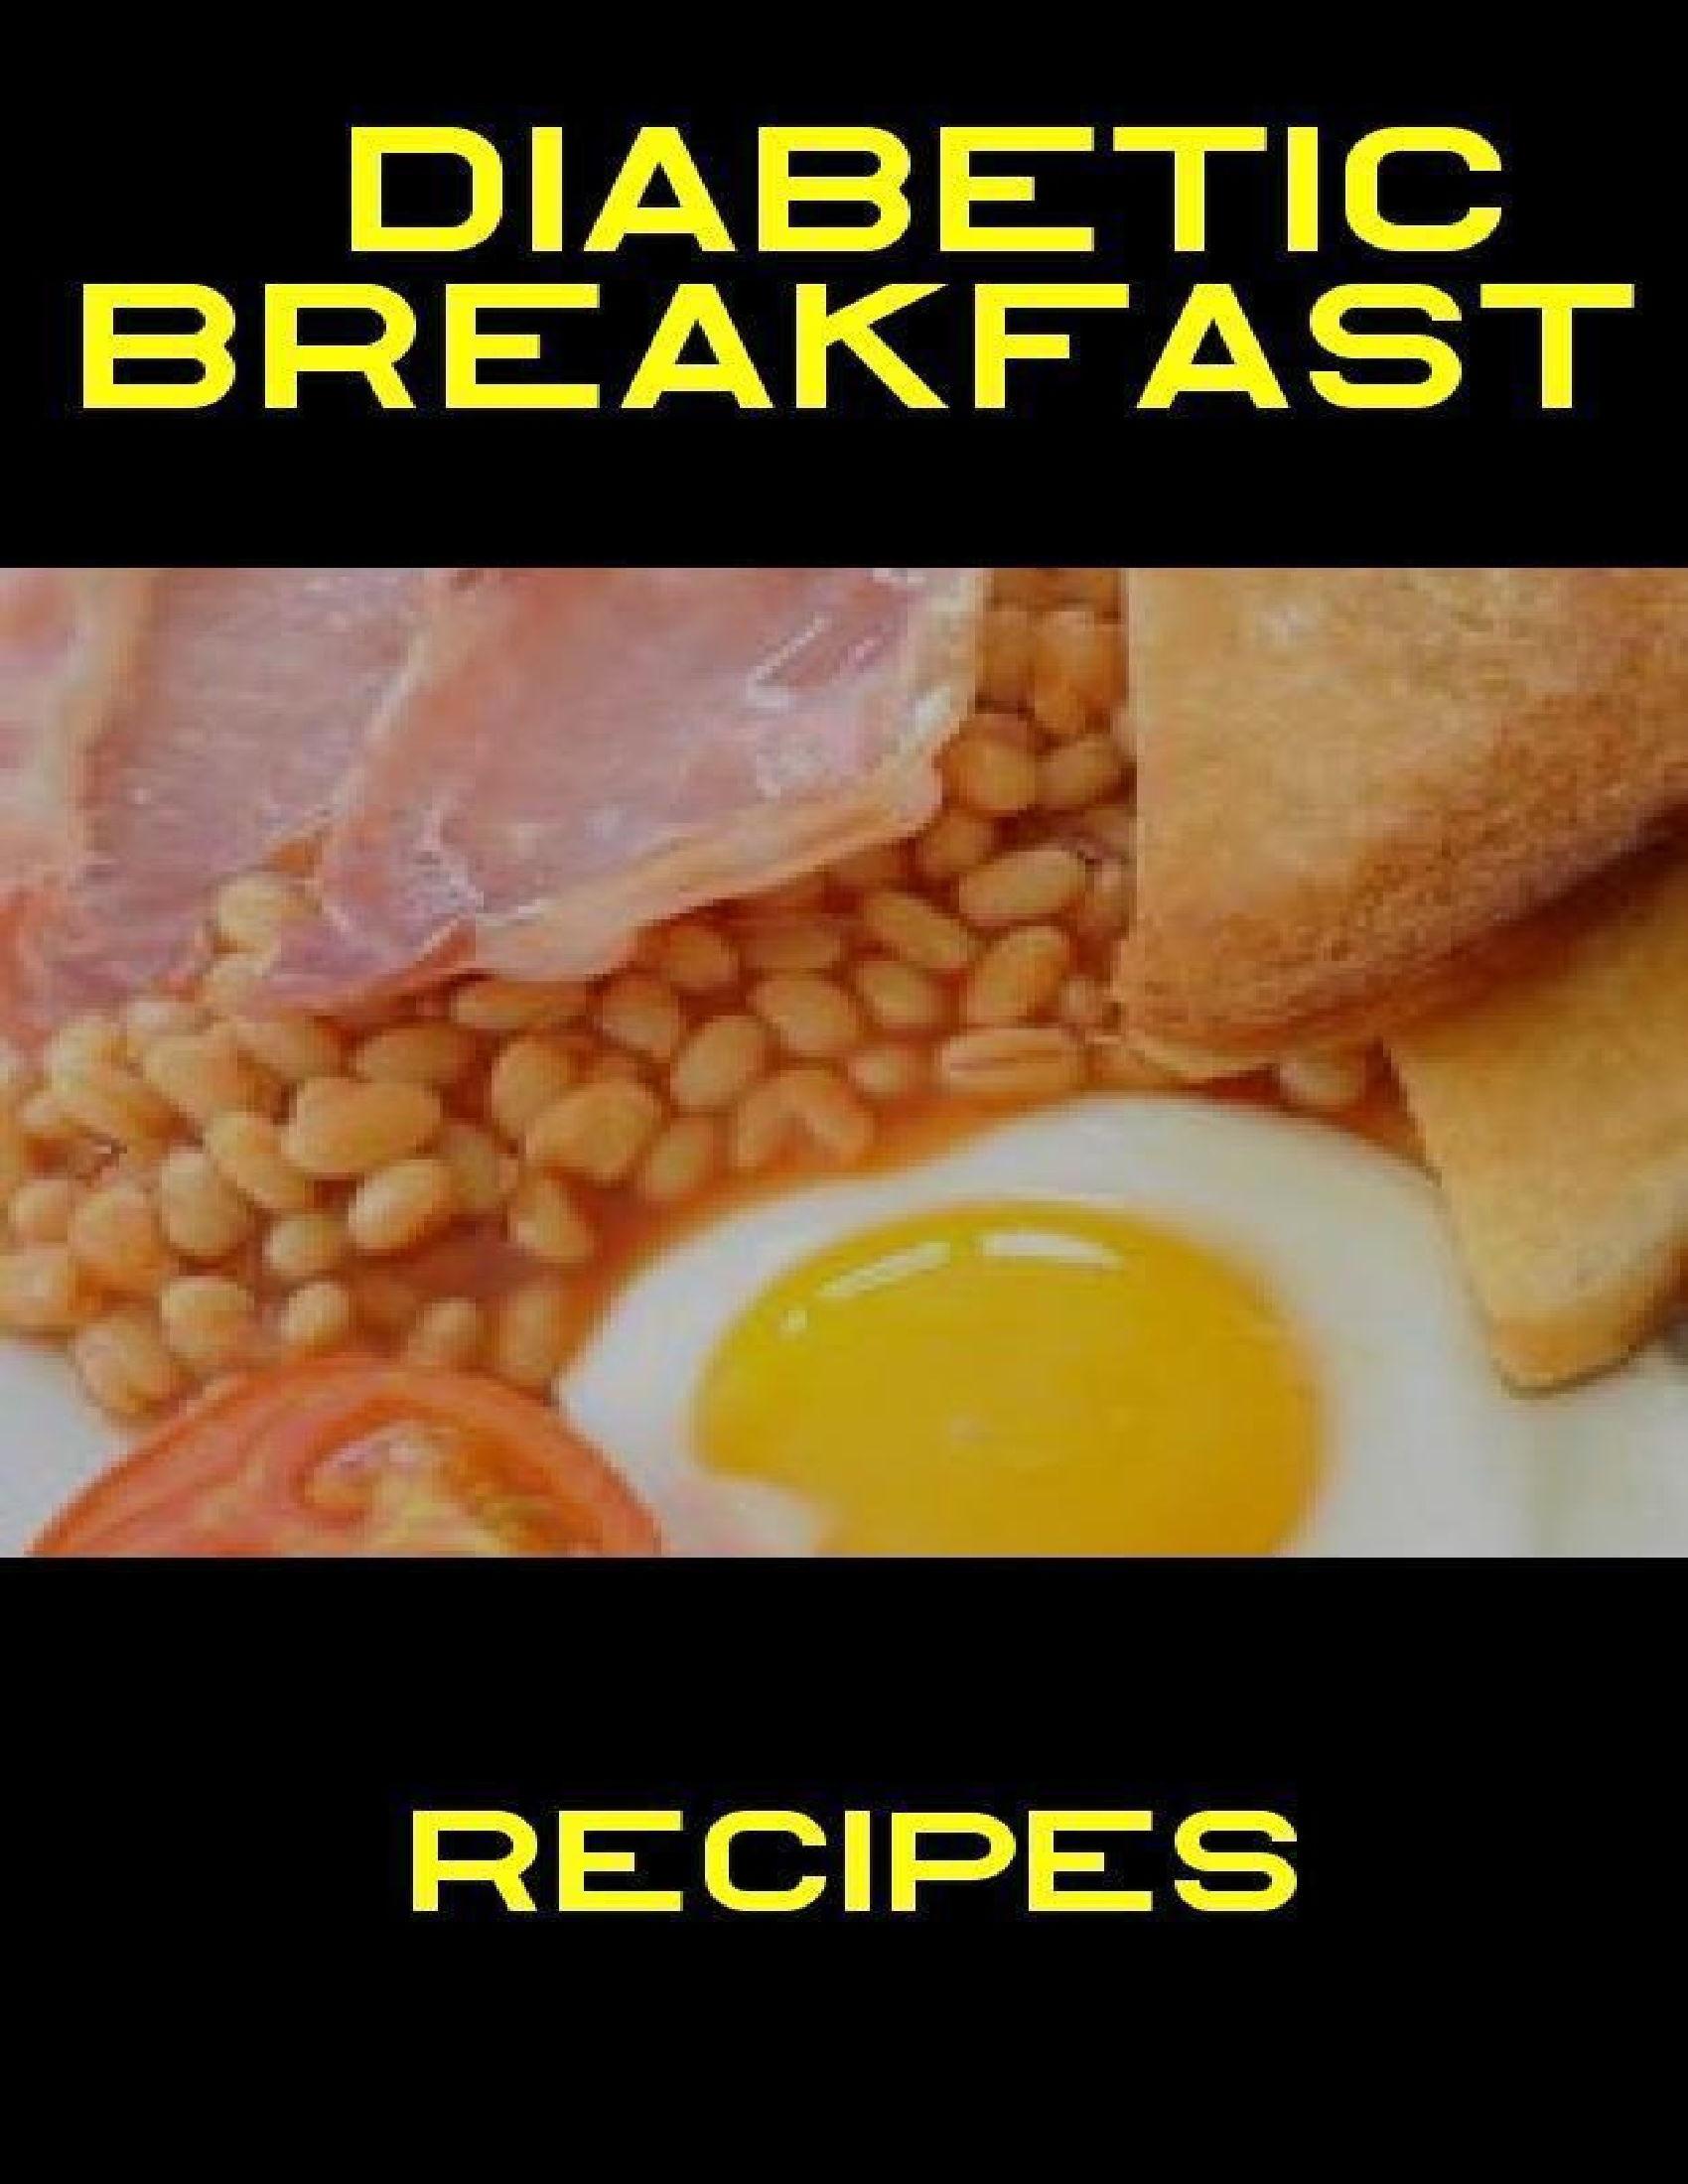 Diabetes Recipes Breakfast  Diabetic Breakfast Recipes by Jenny Brown on iBooks